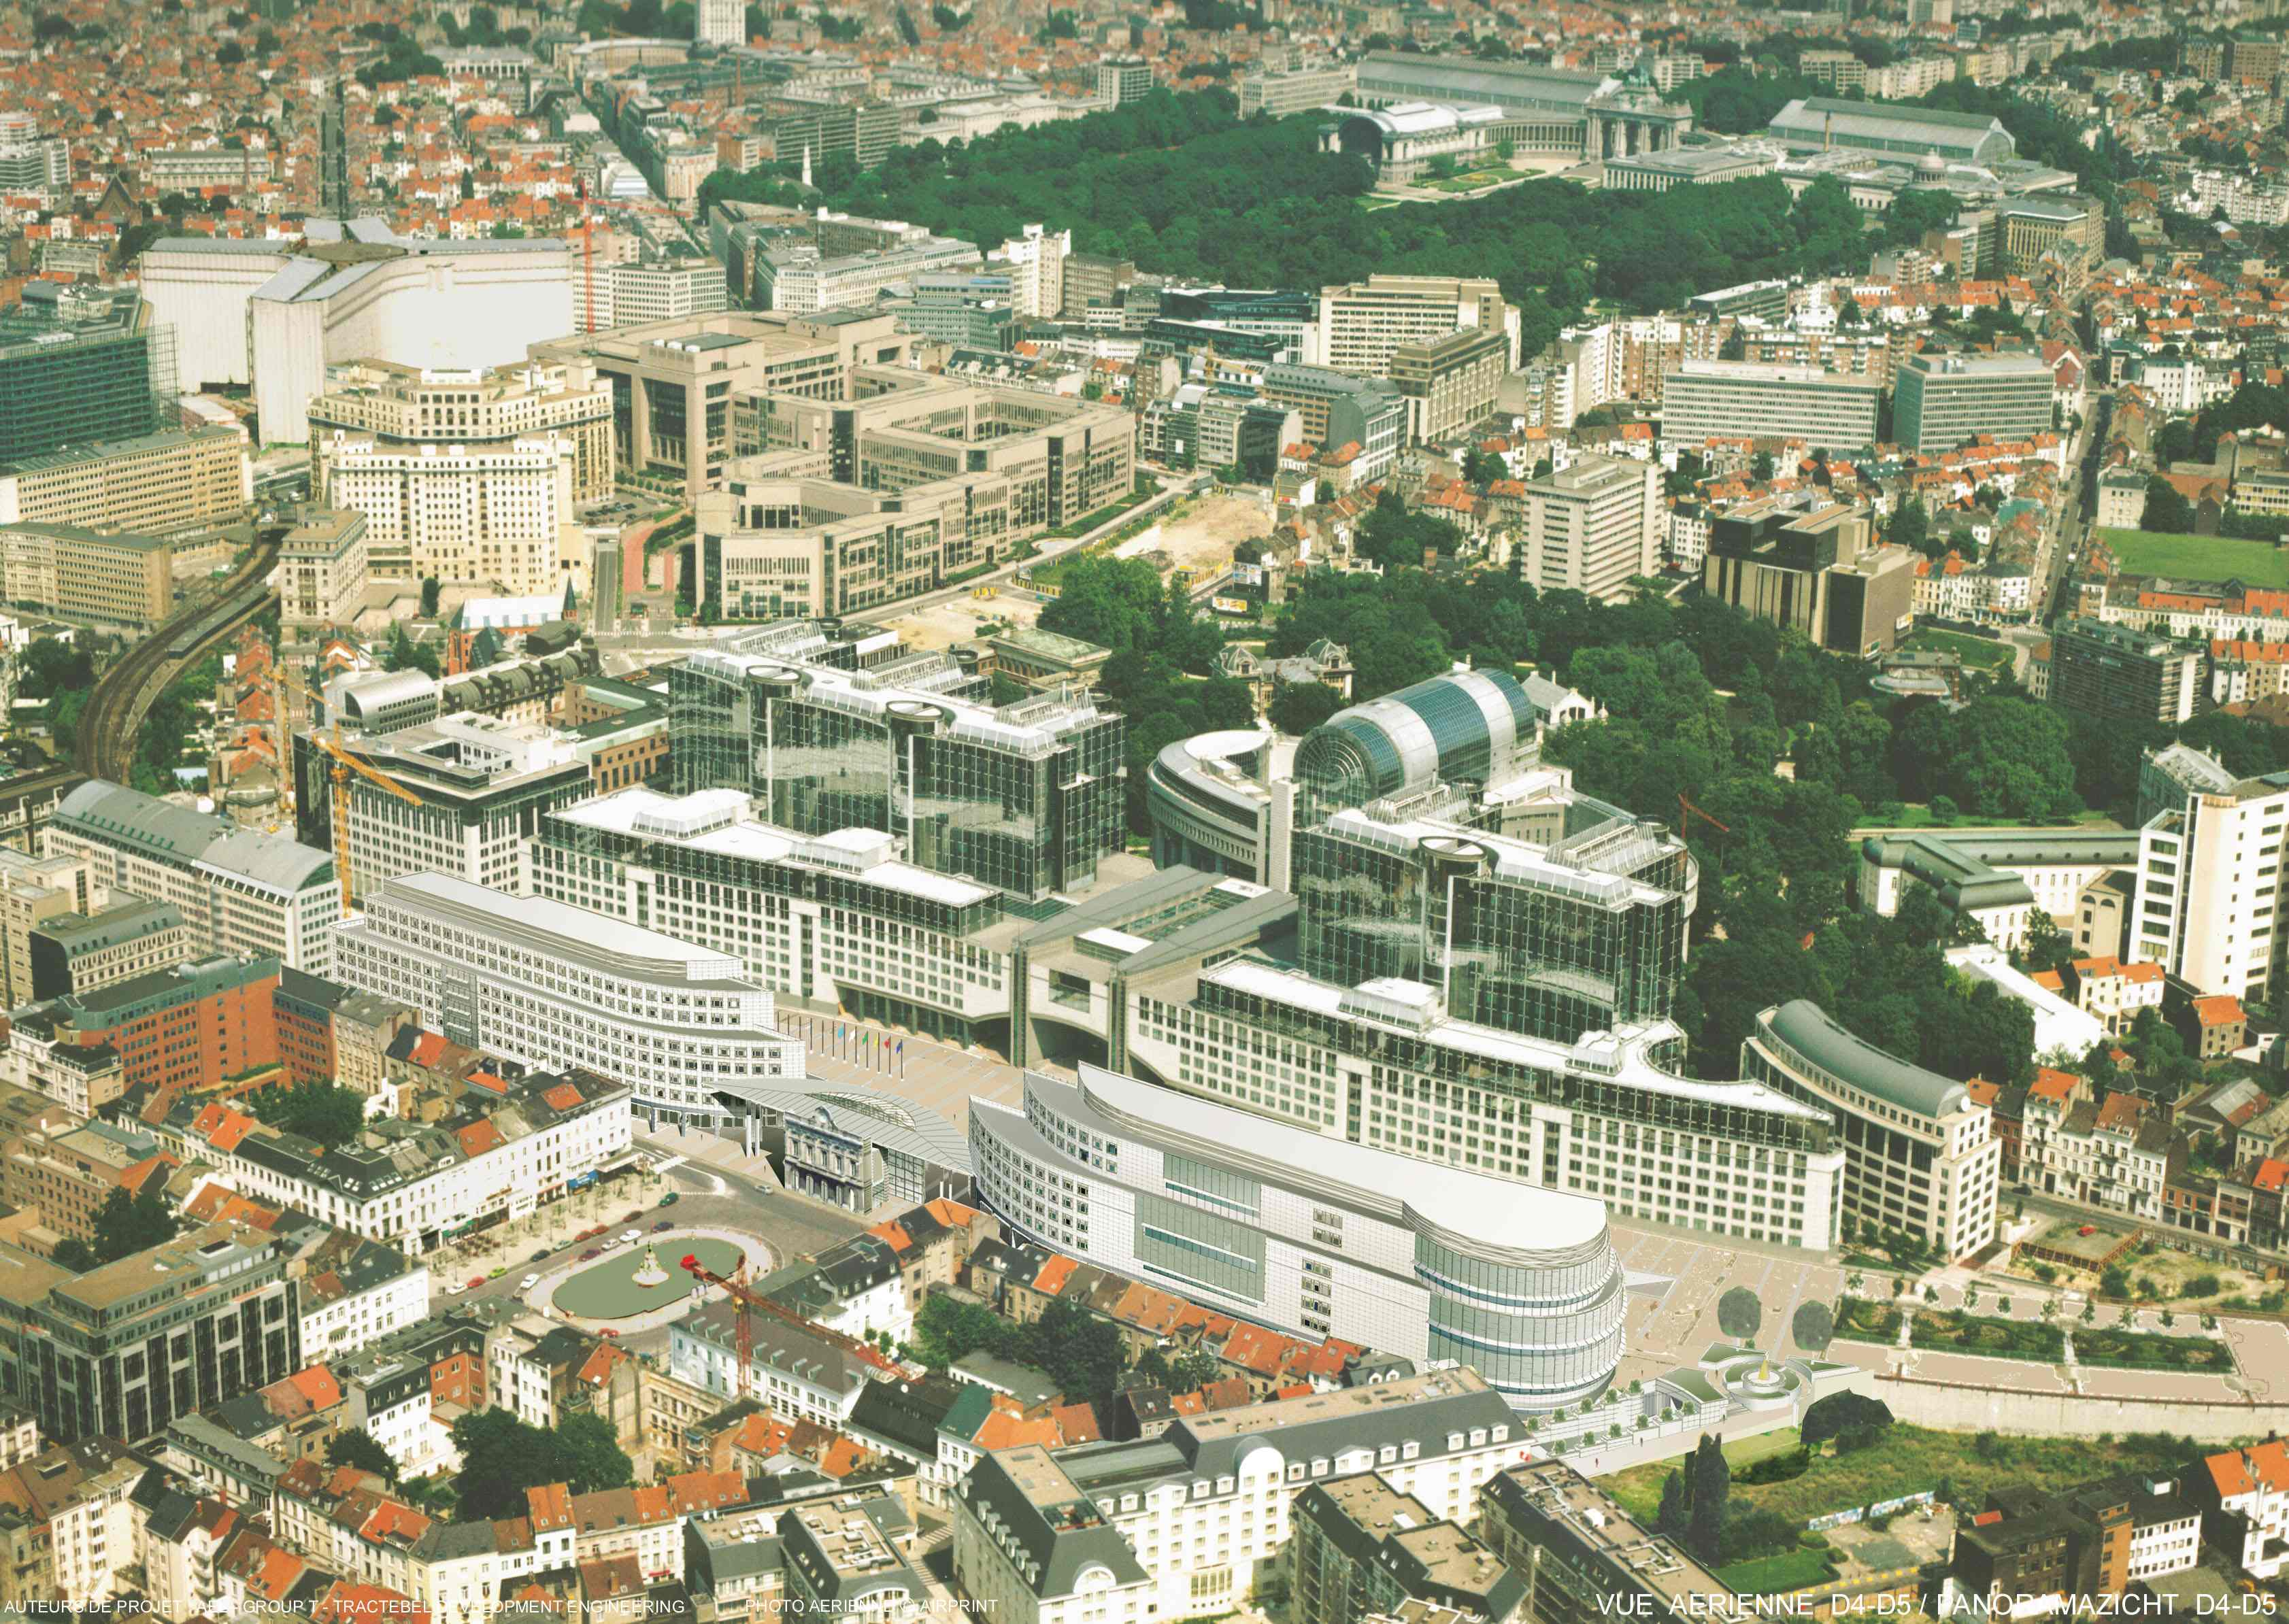 Vue aérienne du Parlement Européen au milieu du quartier européen